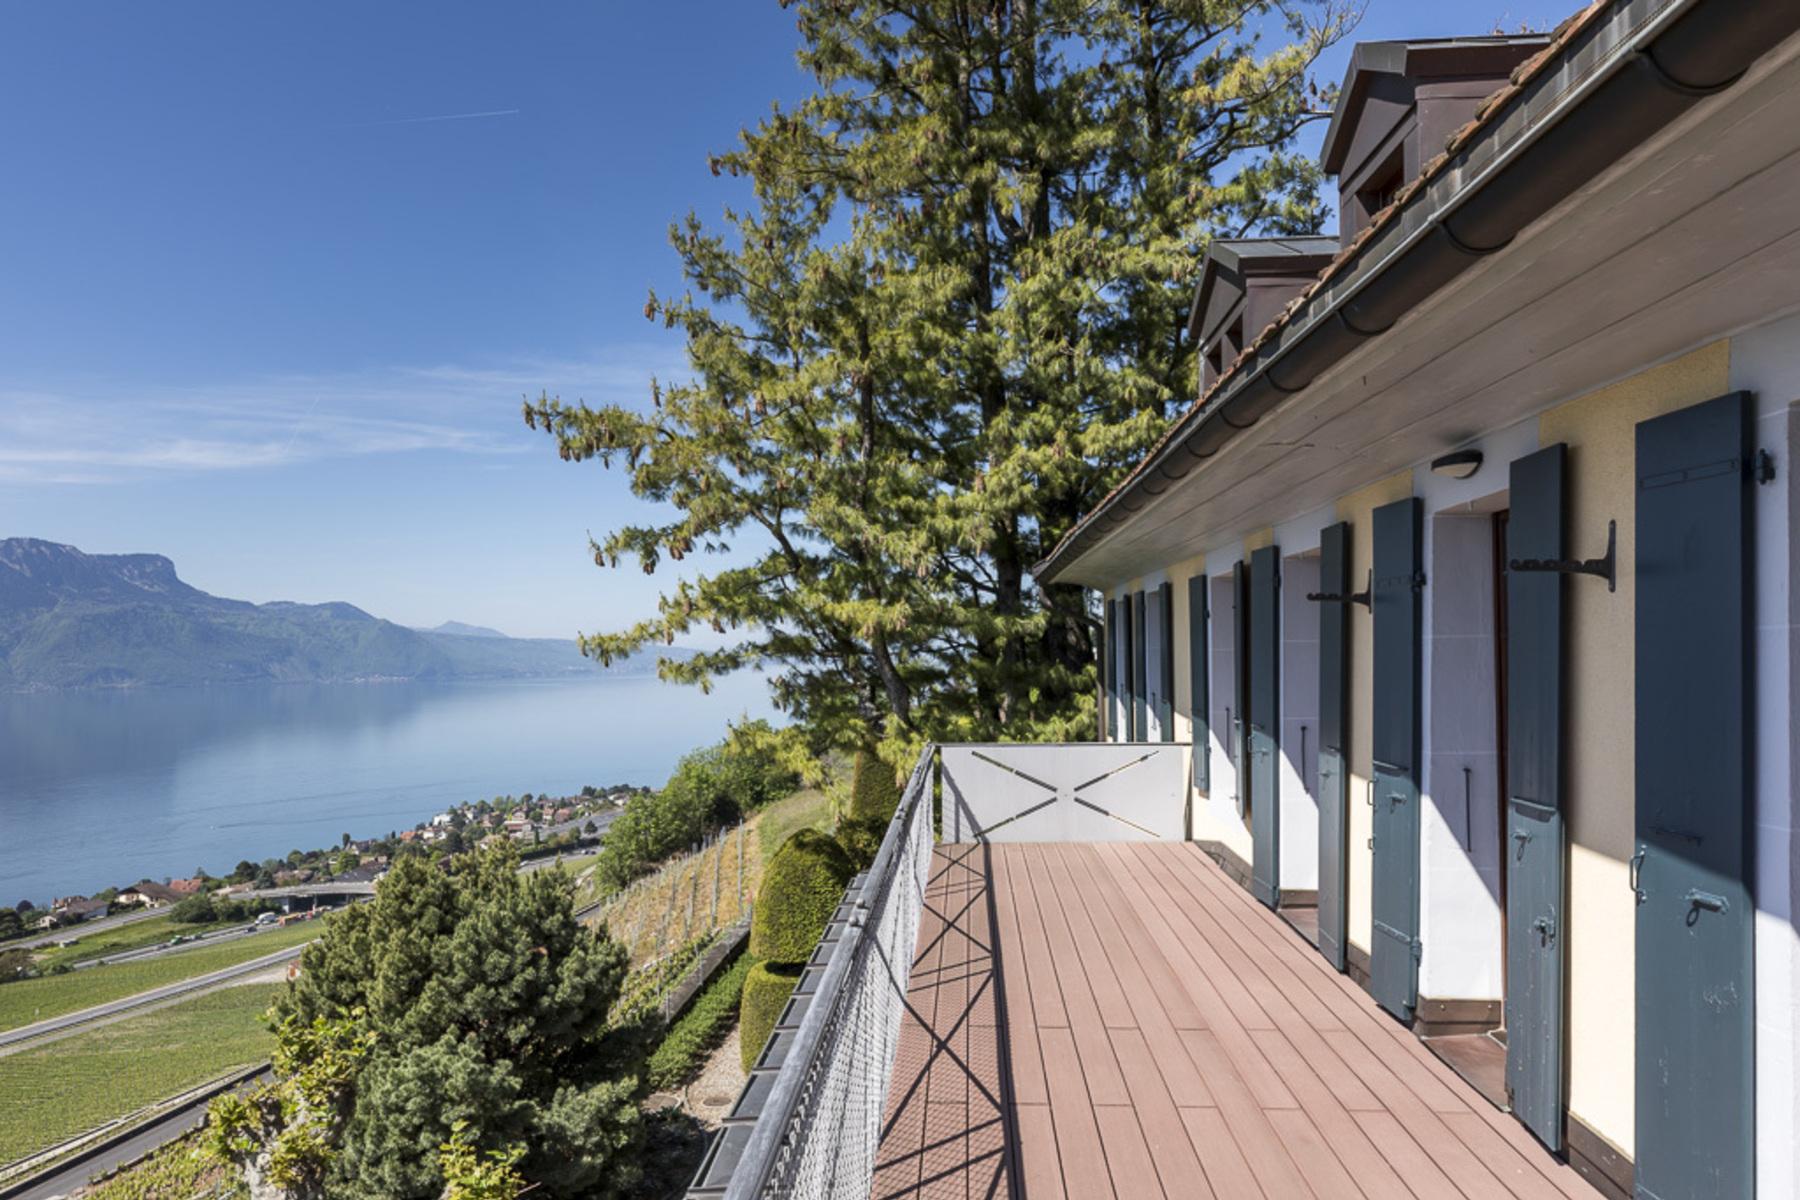 단독 가정 주택 용 매매 에 Rare property in the heart of Lavaux with spectacular lake view Jongny, Jongny, 바우드, 1805 스위스